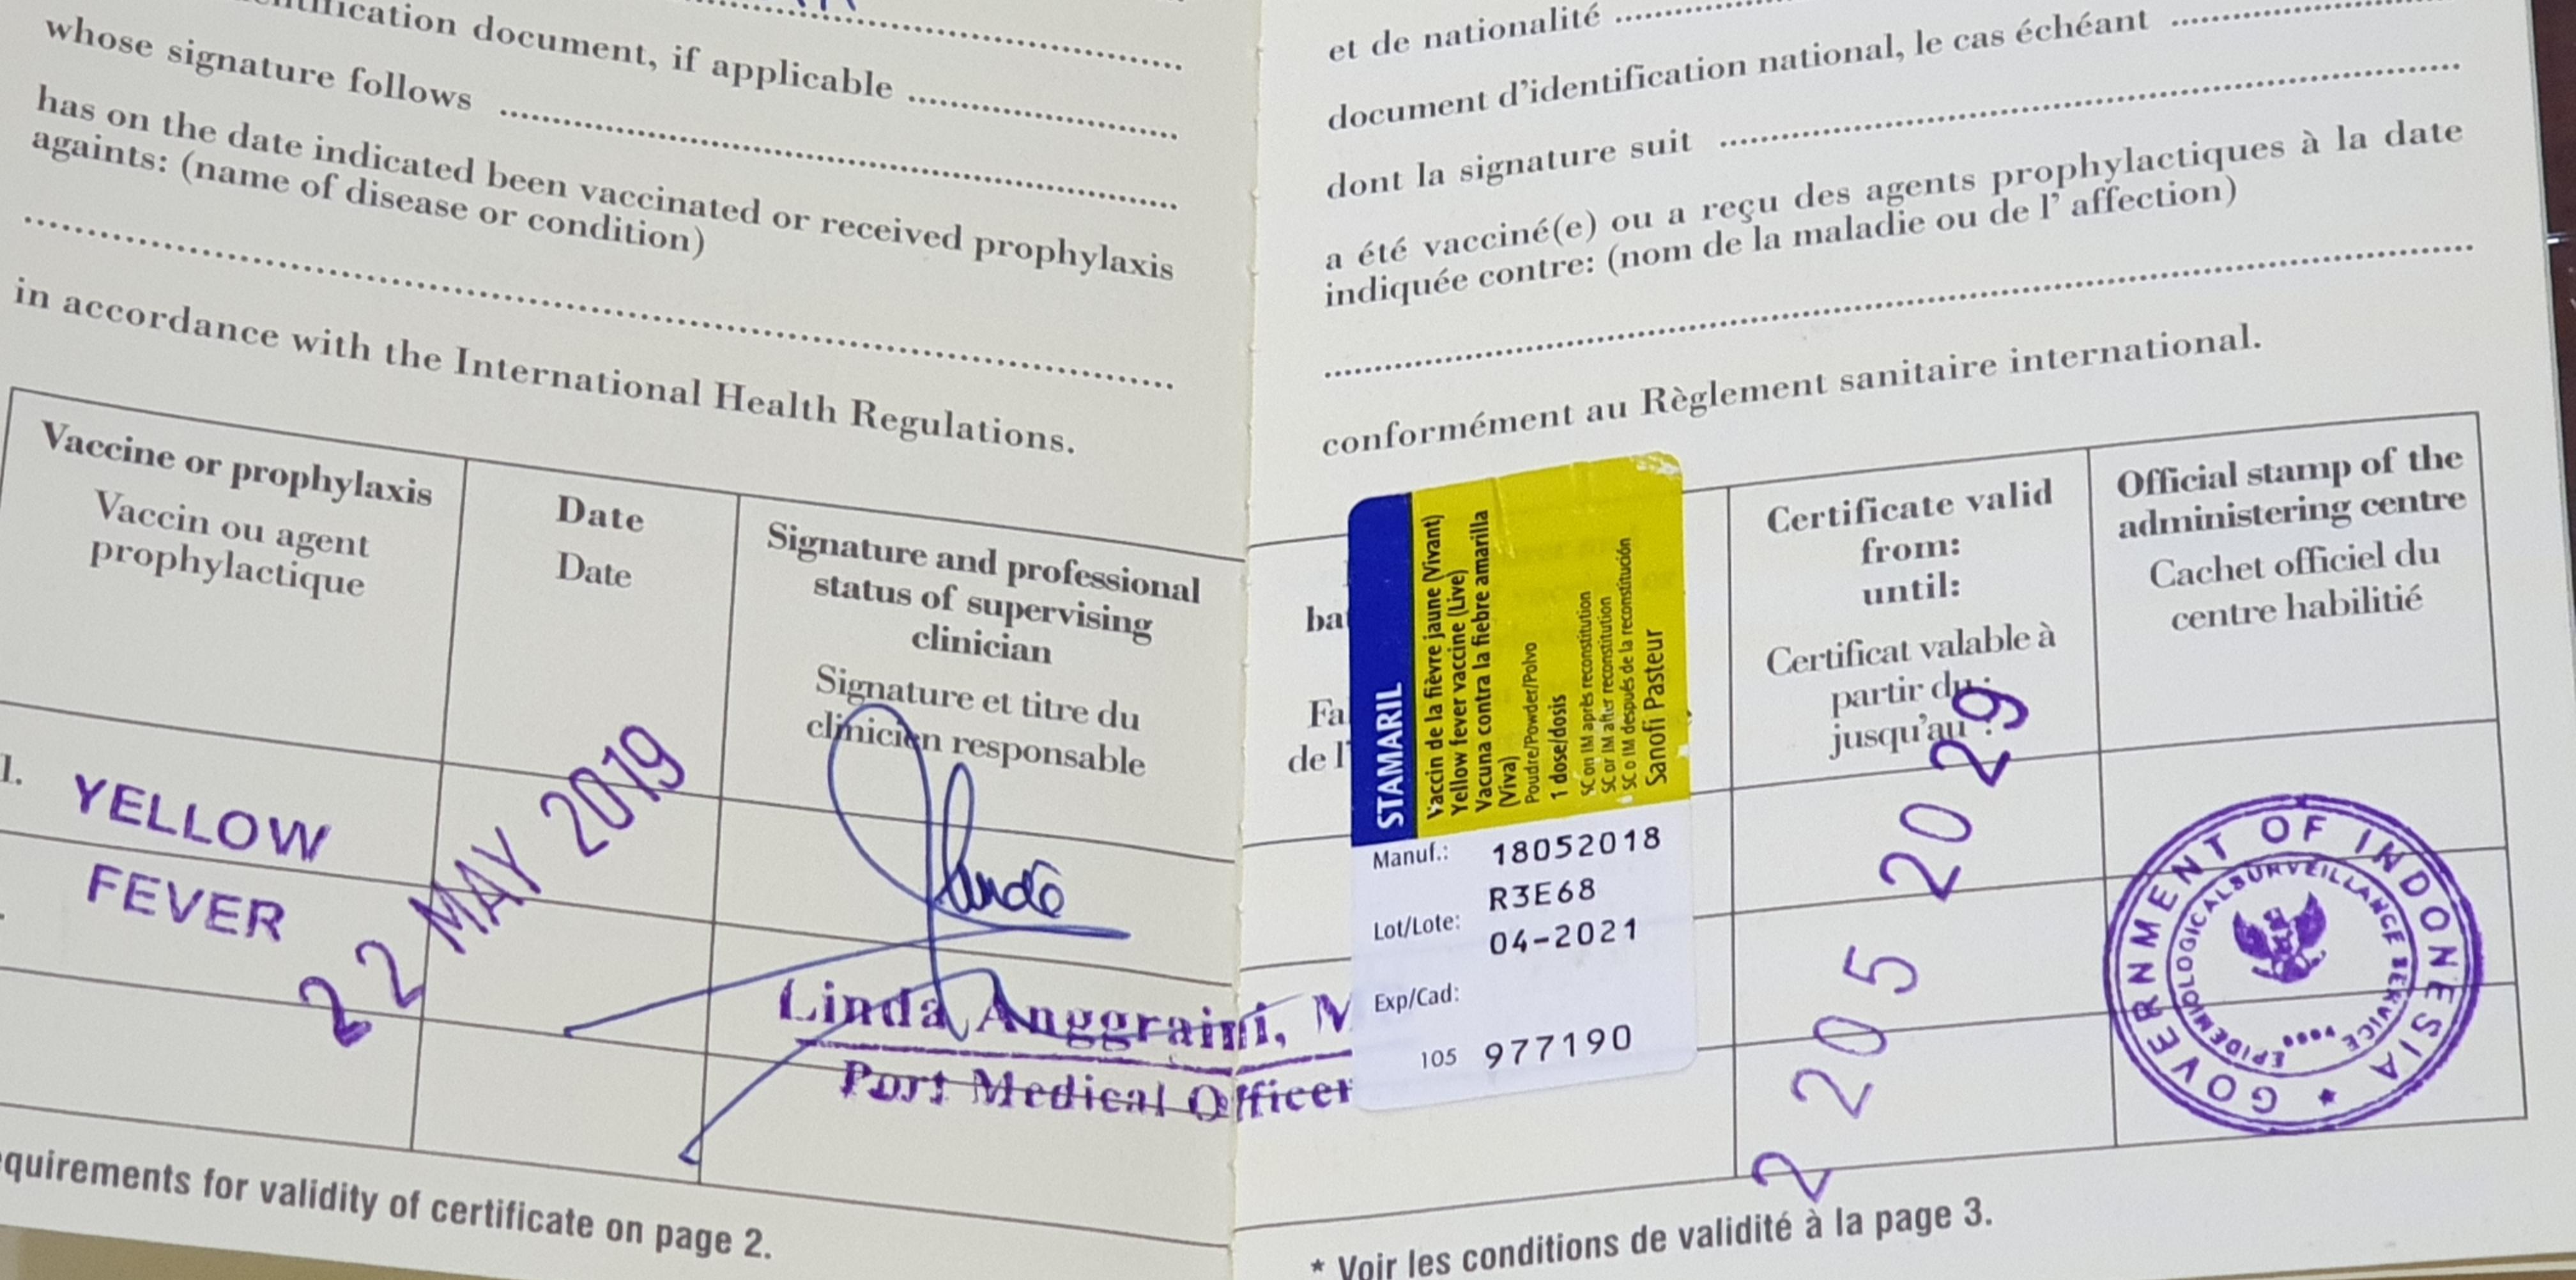 Sertifikat Vaksin Yellow Fever Pakansicom